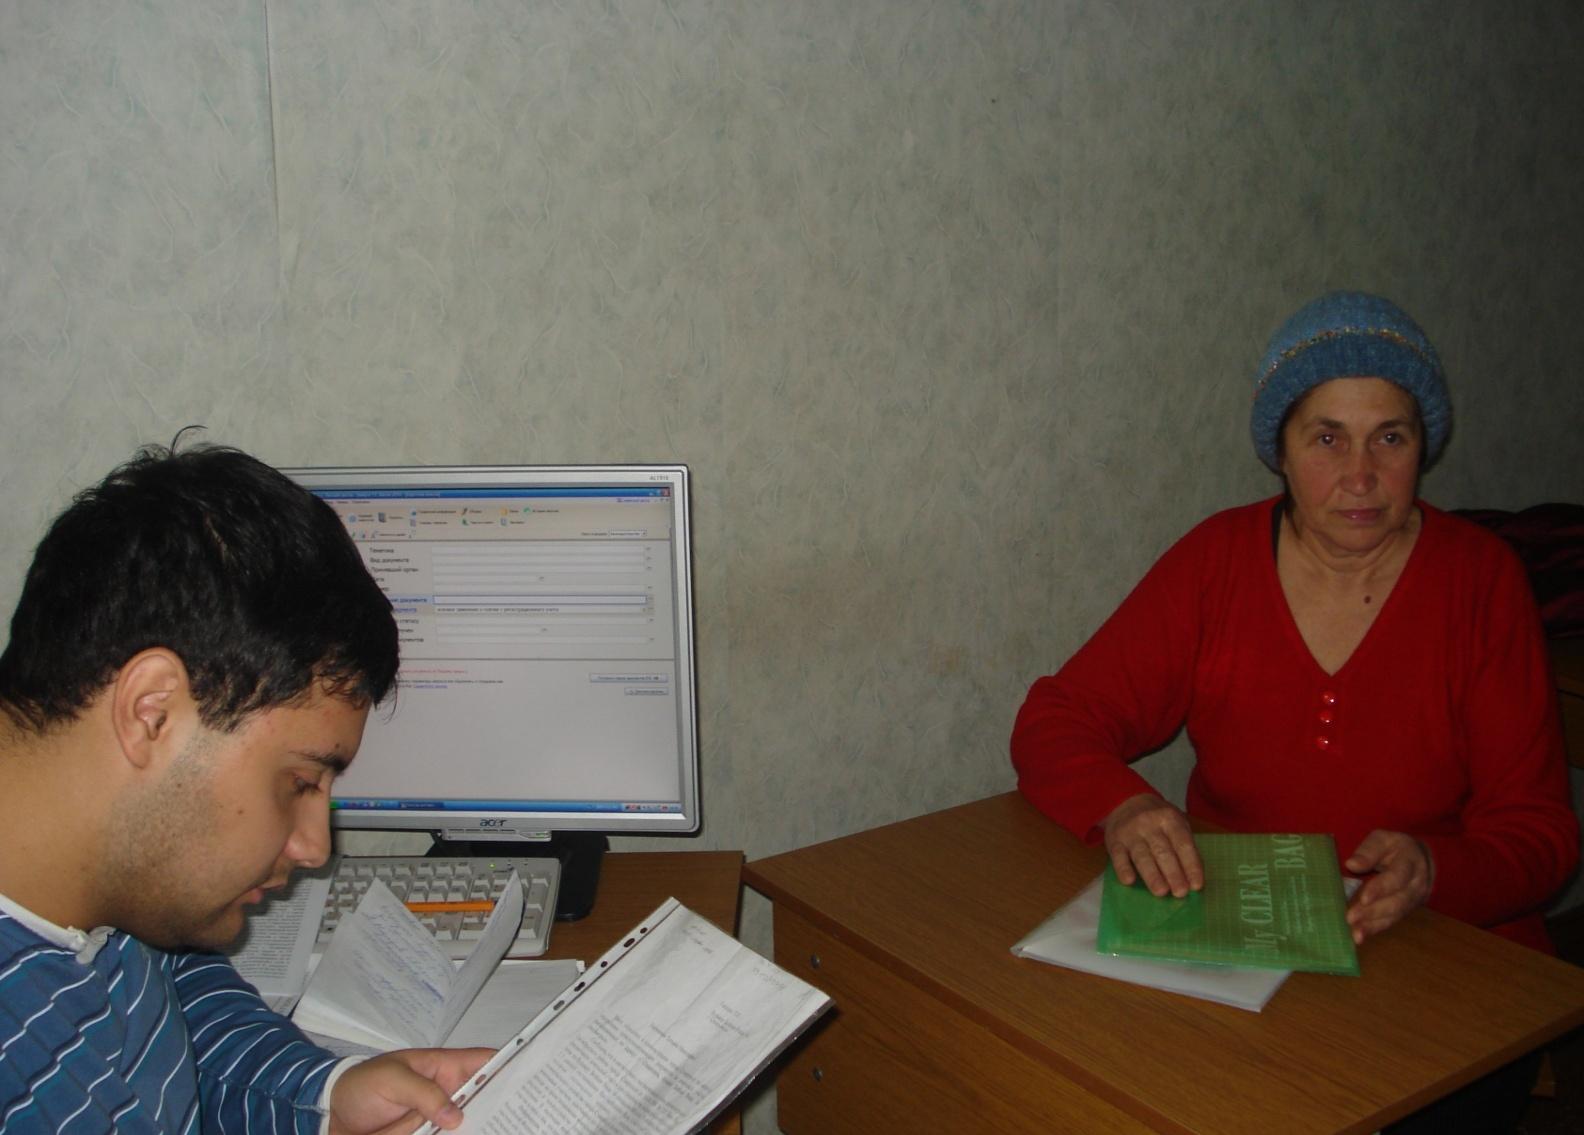 студенческие консультации юридического факультета